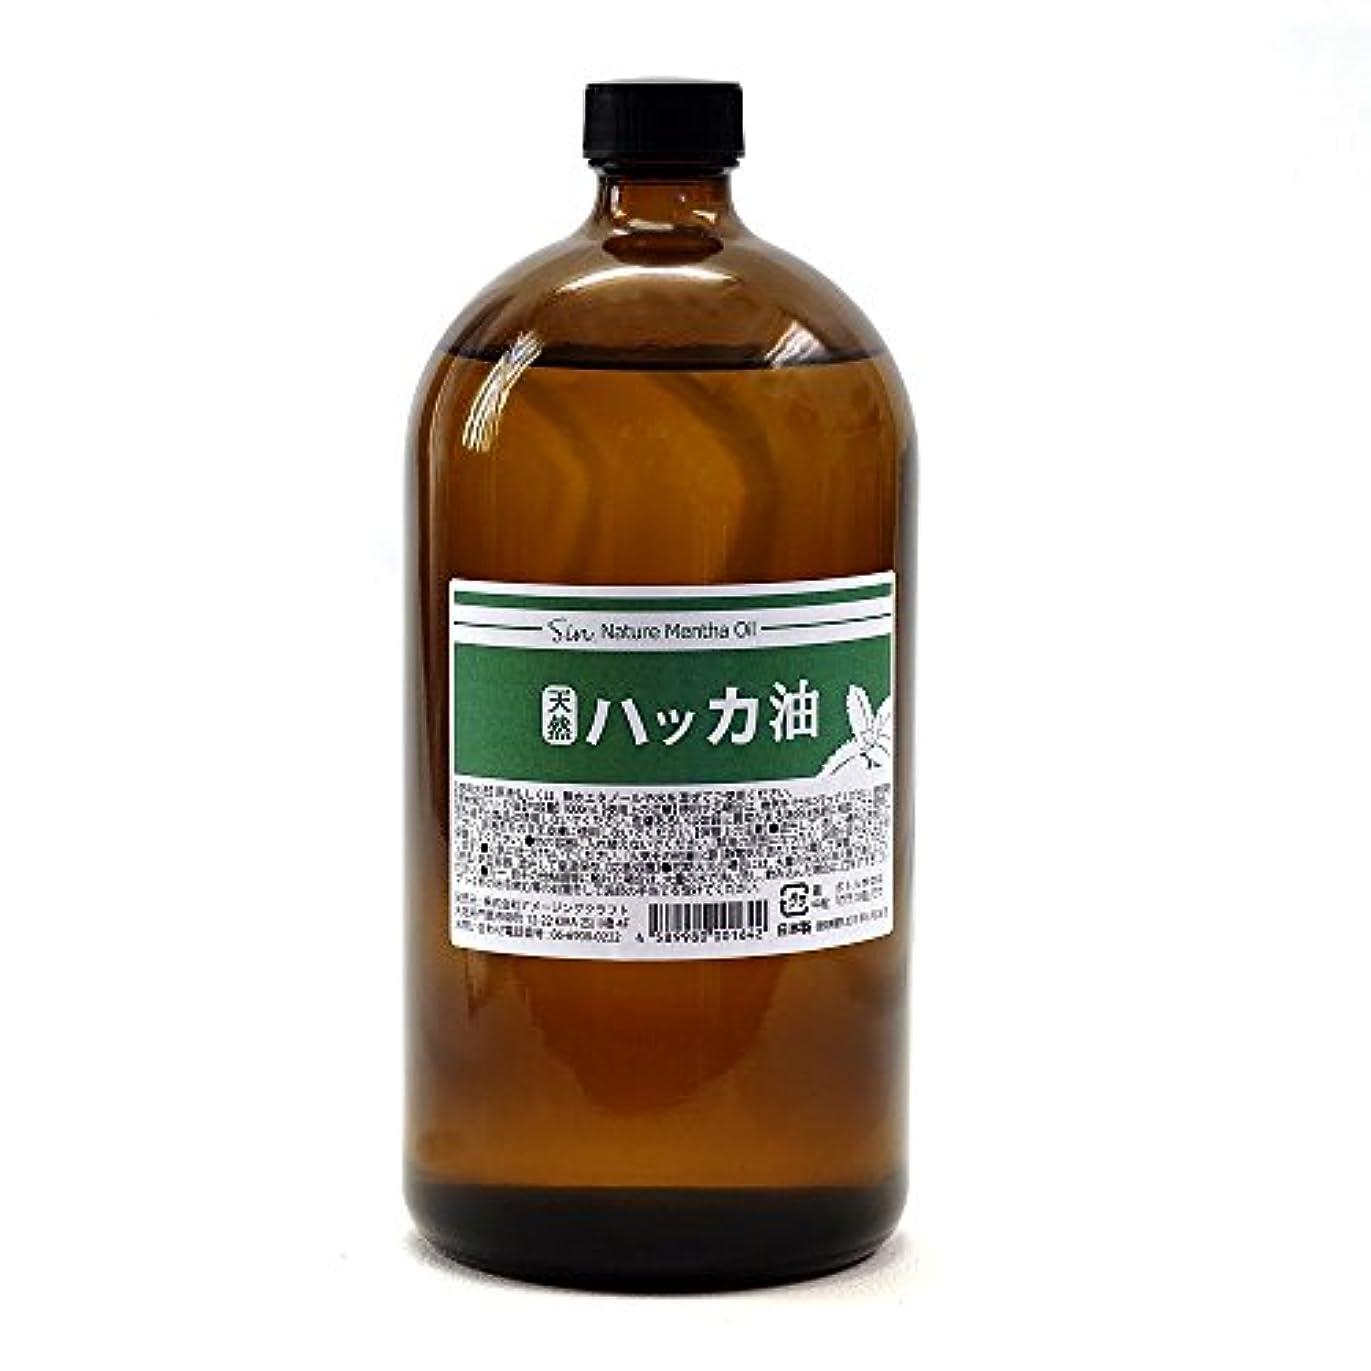 華氏感謝祭腫瘍日本製 天然 ハッカ油 ハッカオイル 1000ml